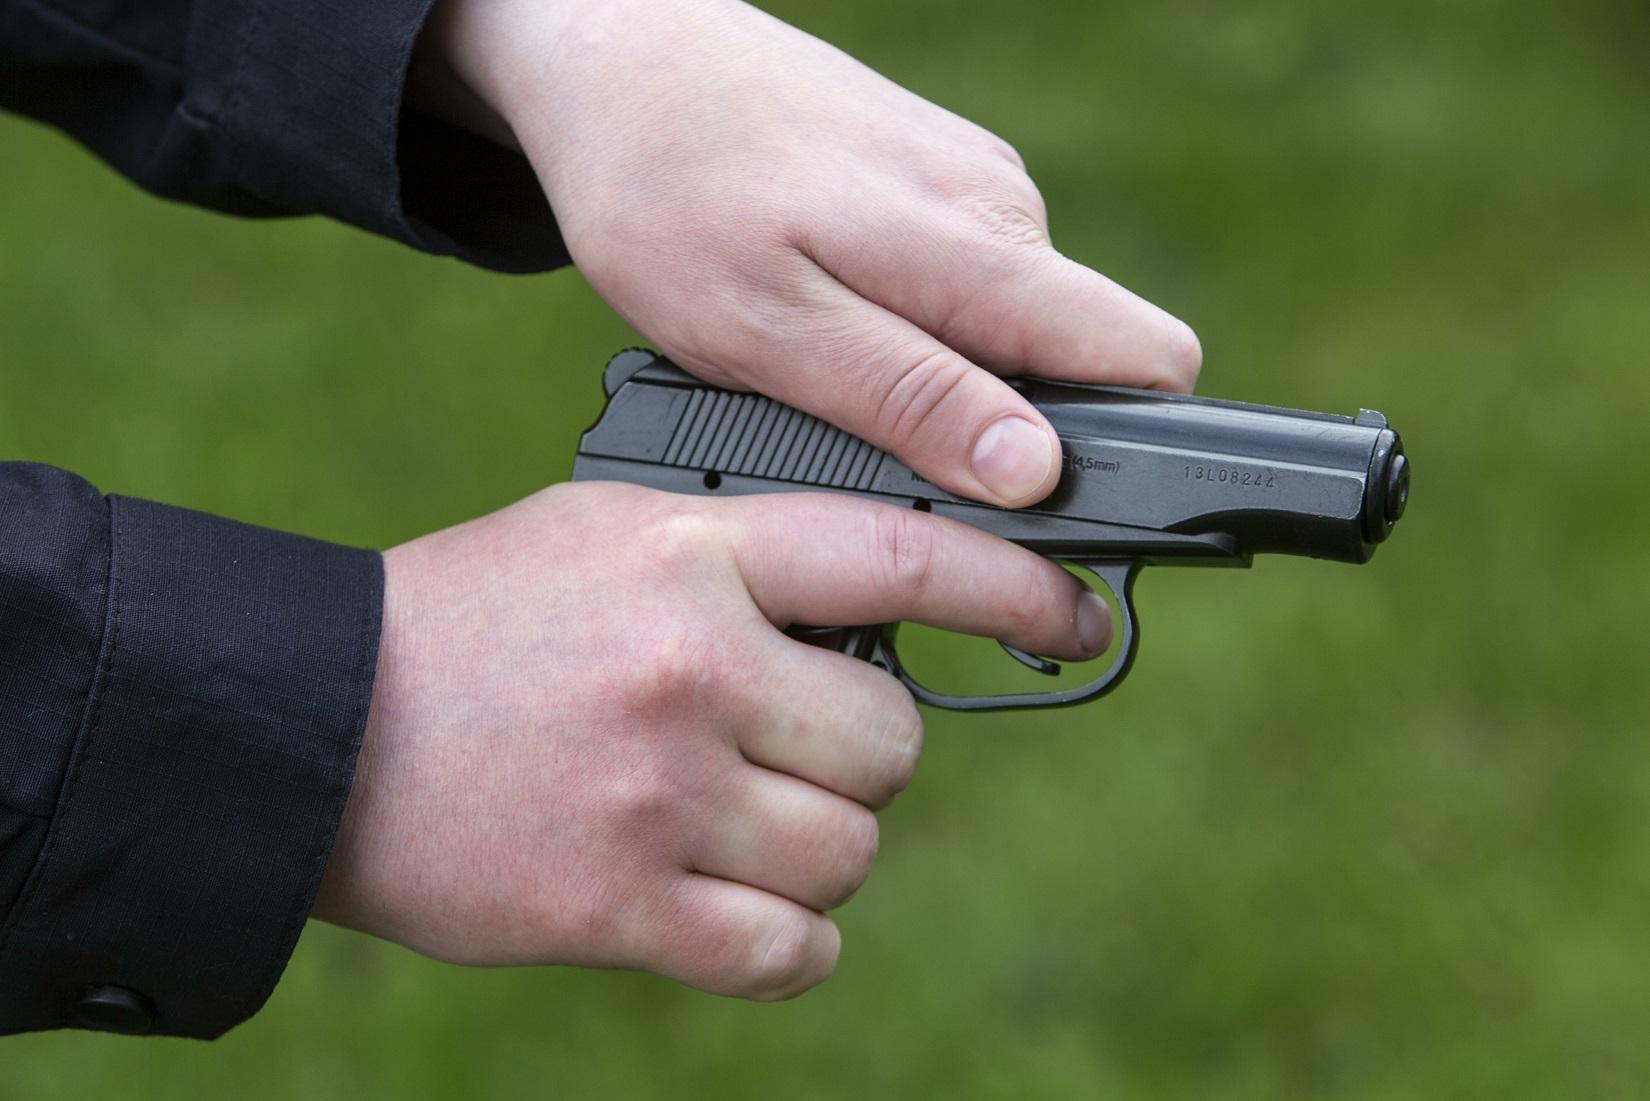 Под Волгоградом автомойщик выстрелил в гостей, есть раненые